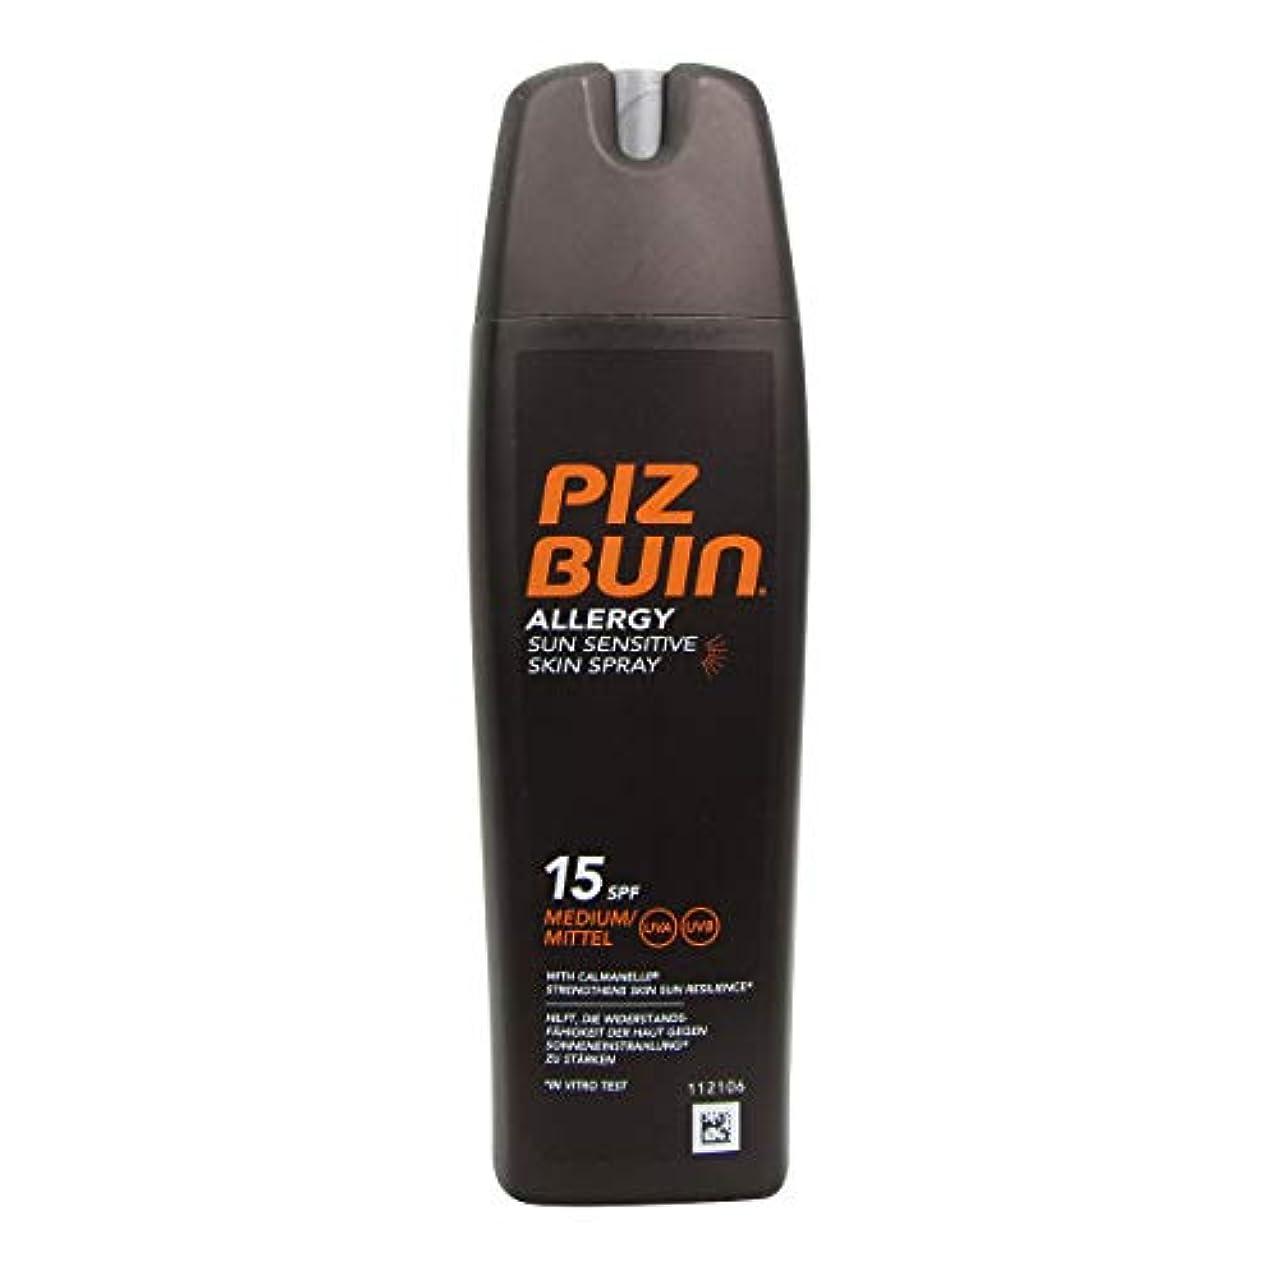 言語学動かない現実Piz Buin Allergy Sensitive Skin Spray Spf15 200ml [並行輸入品]